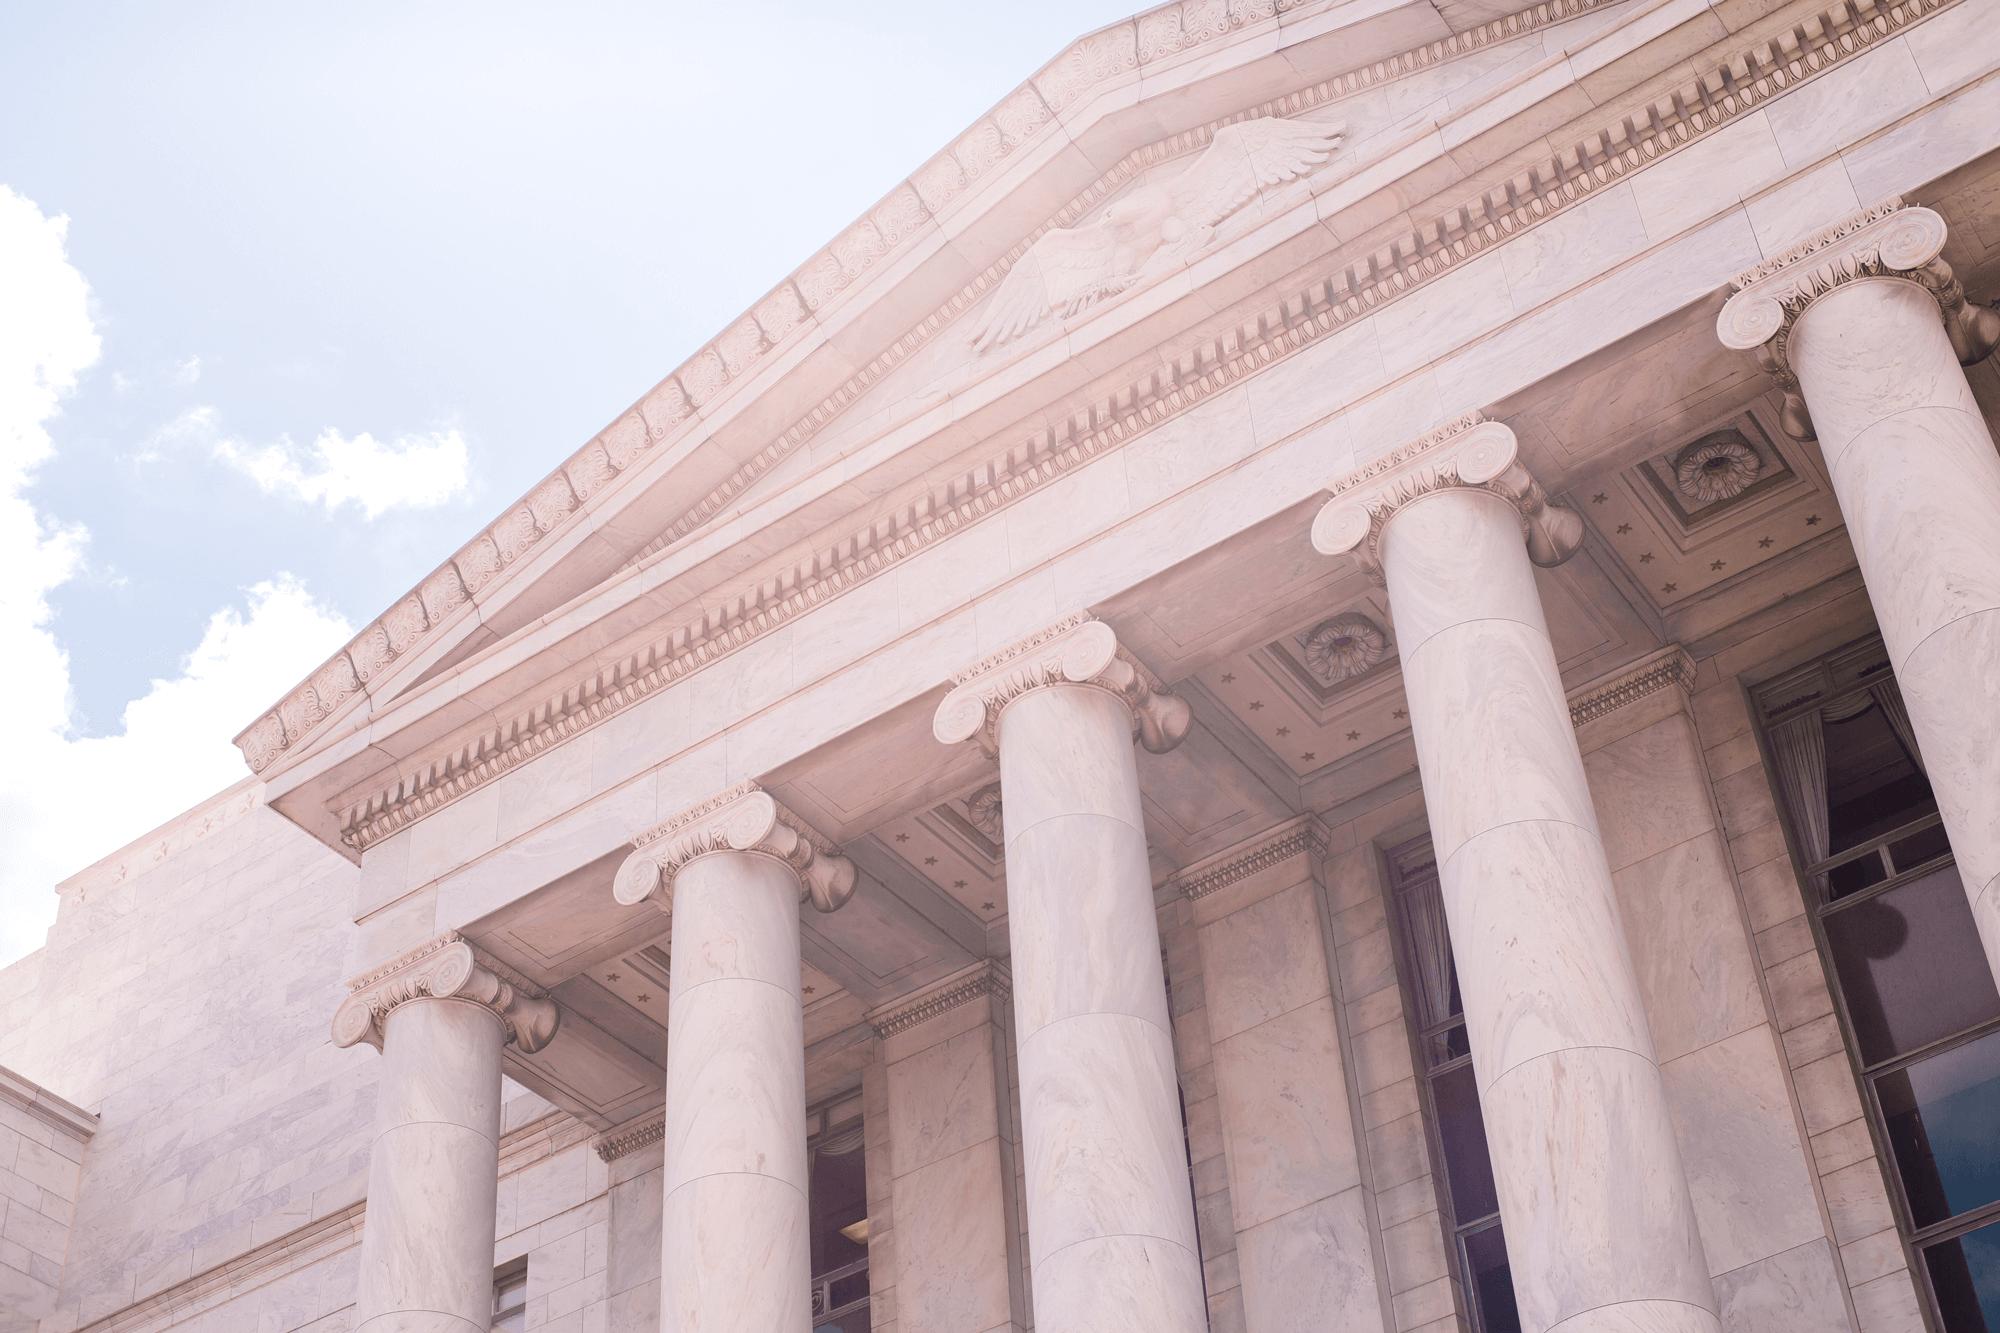 Sturen naar een intelligente overheid | Intelligente organisaties